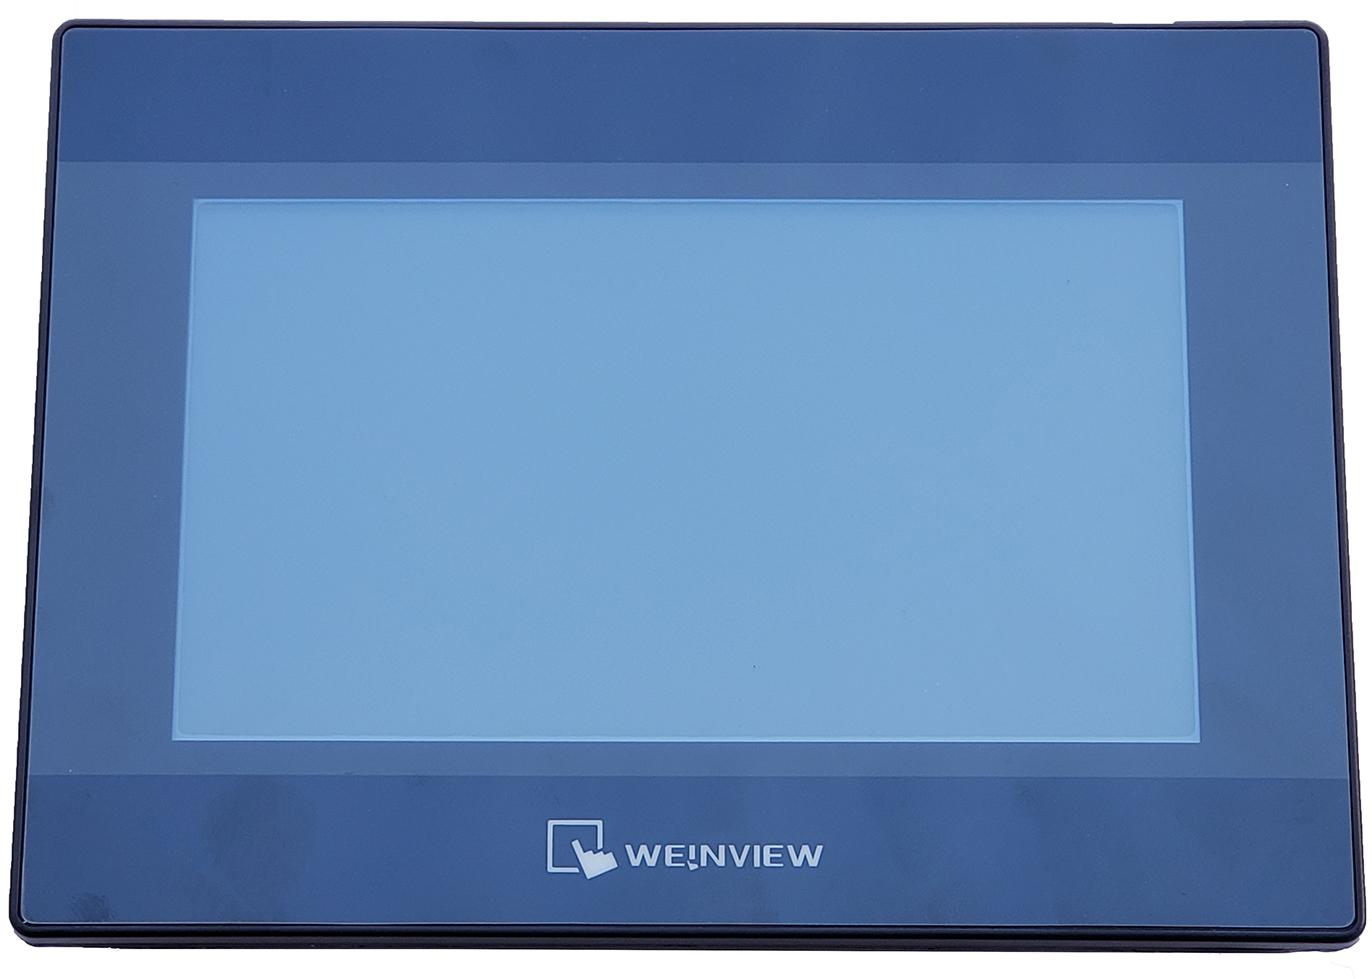 HMI Weinview